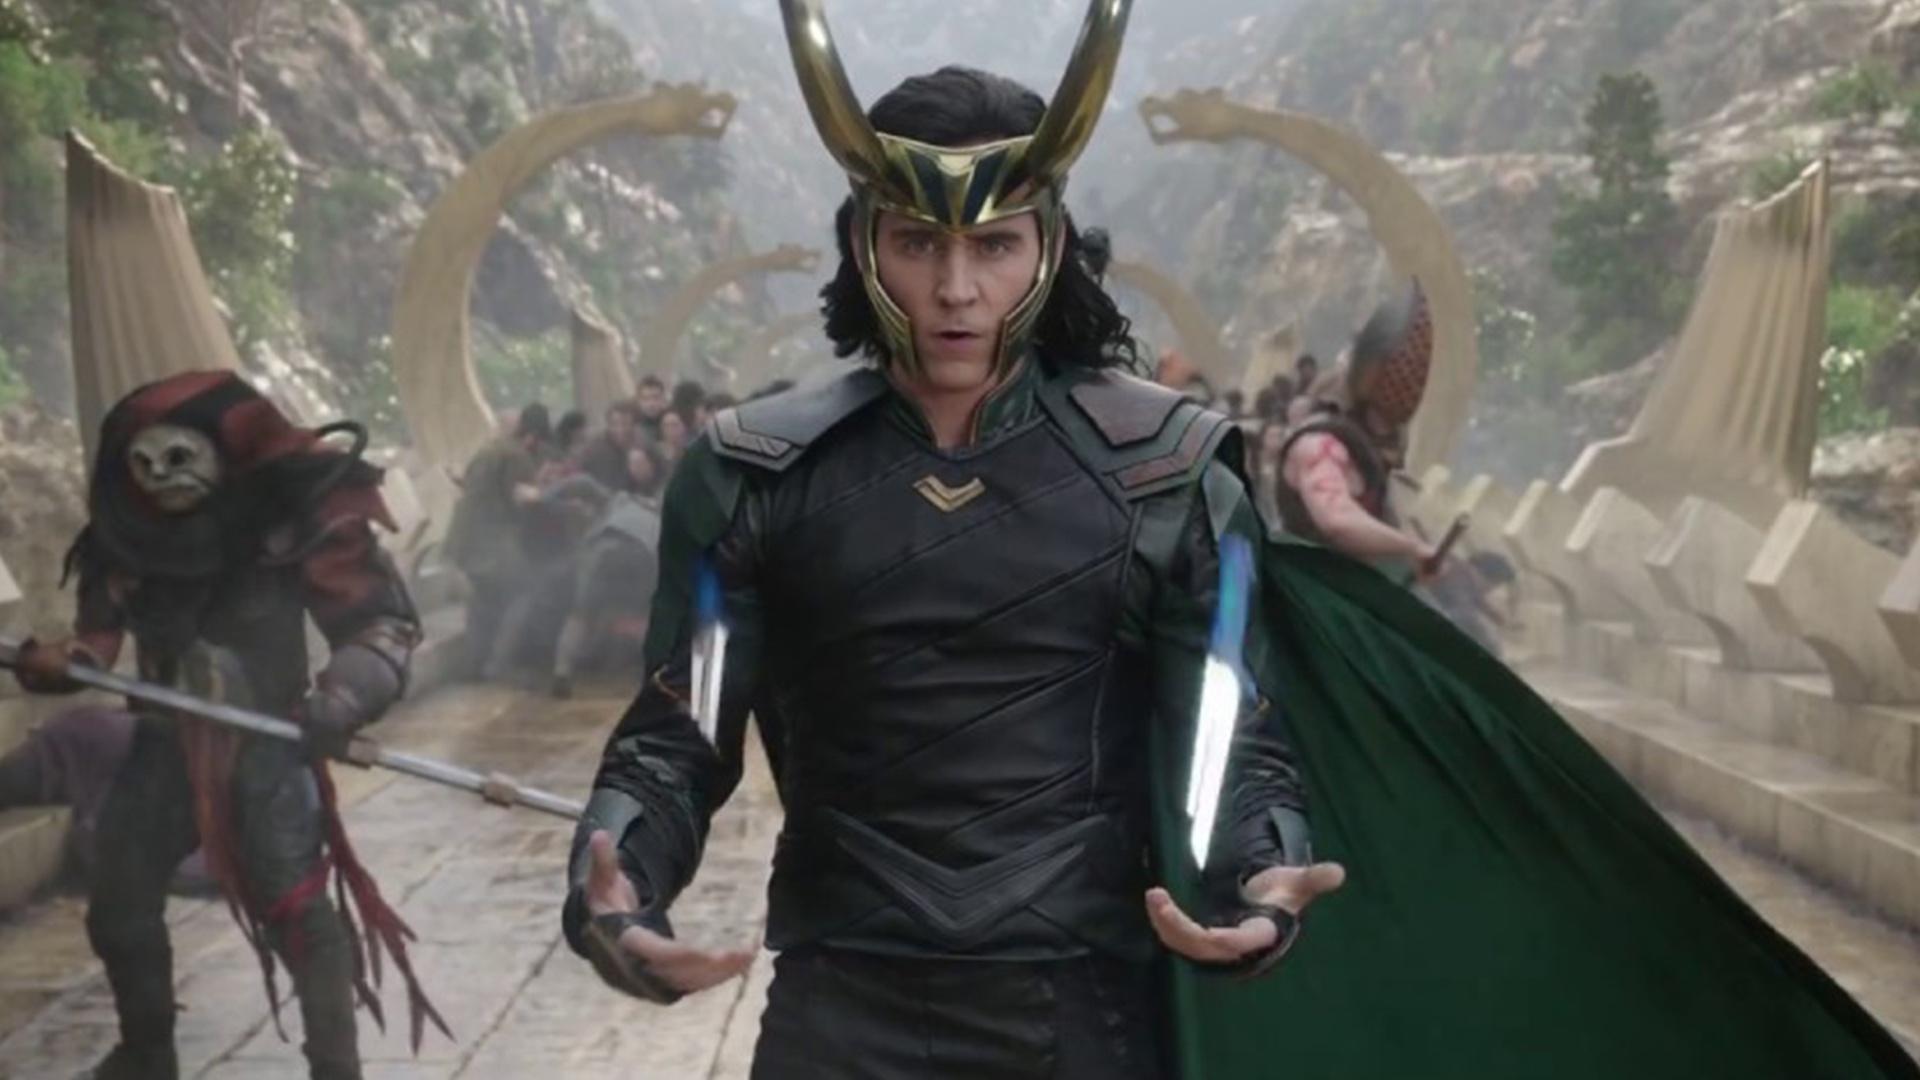 Слух дня: сериал про Локи из киновселенной Marvel расскажет о молодости героя